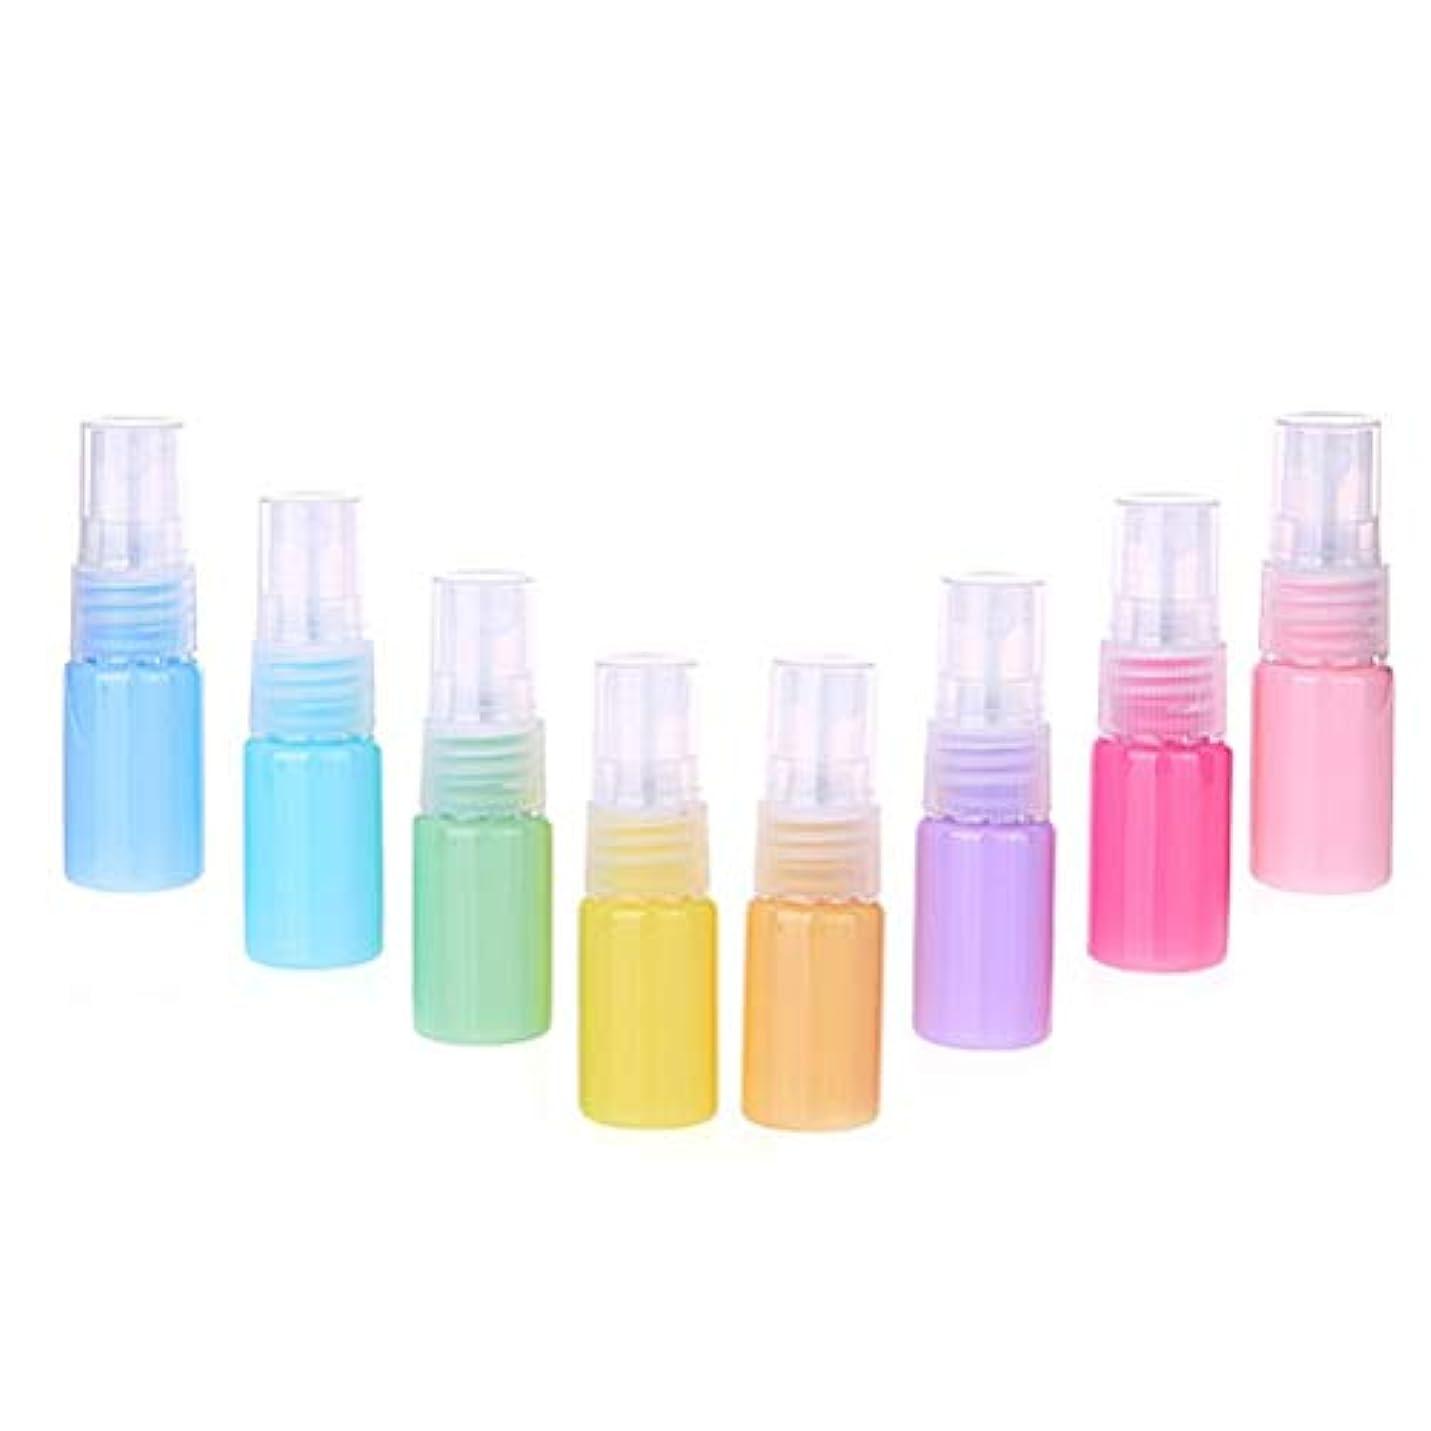 怖がって死ぬリブが欲しいFrcolor 8ピース 30ml スプレー空ボトル カラフルな 耐久性 収納ボトル 化粧品水 旅行アクセサリー (混合色)